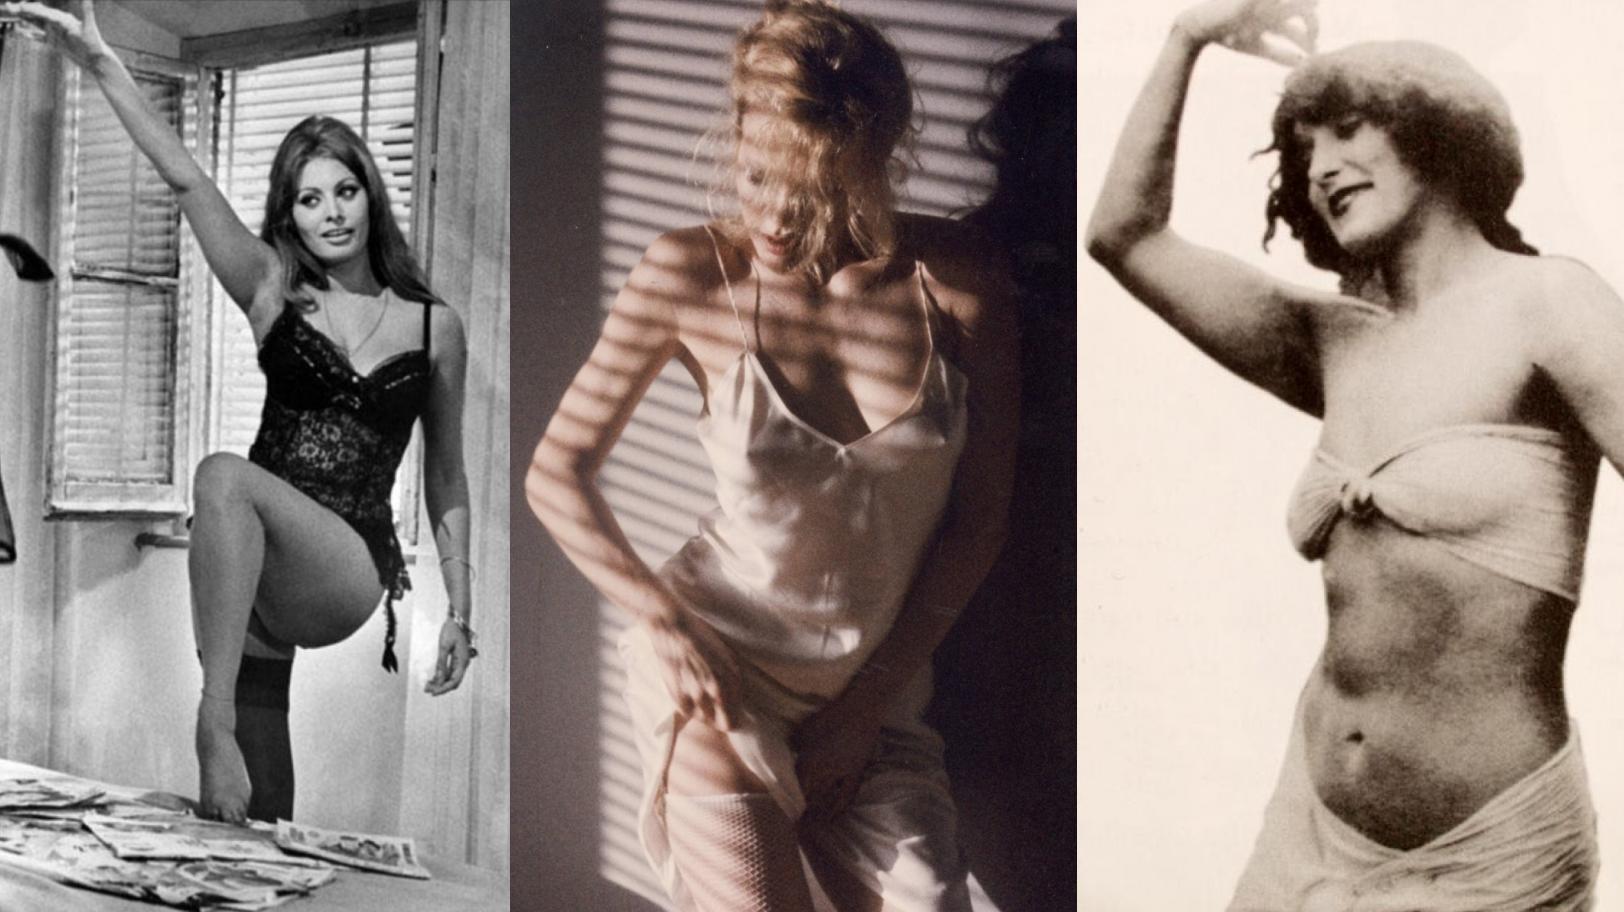 Советские женщины голые, Частная эротика голых женщин из ссср - секс порно фото 21 фотография